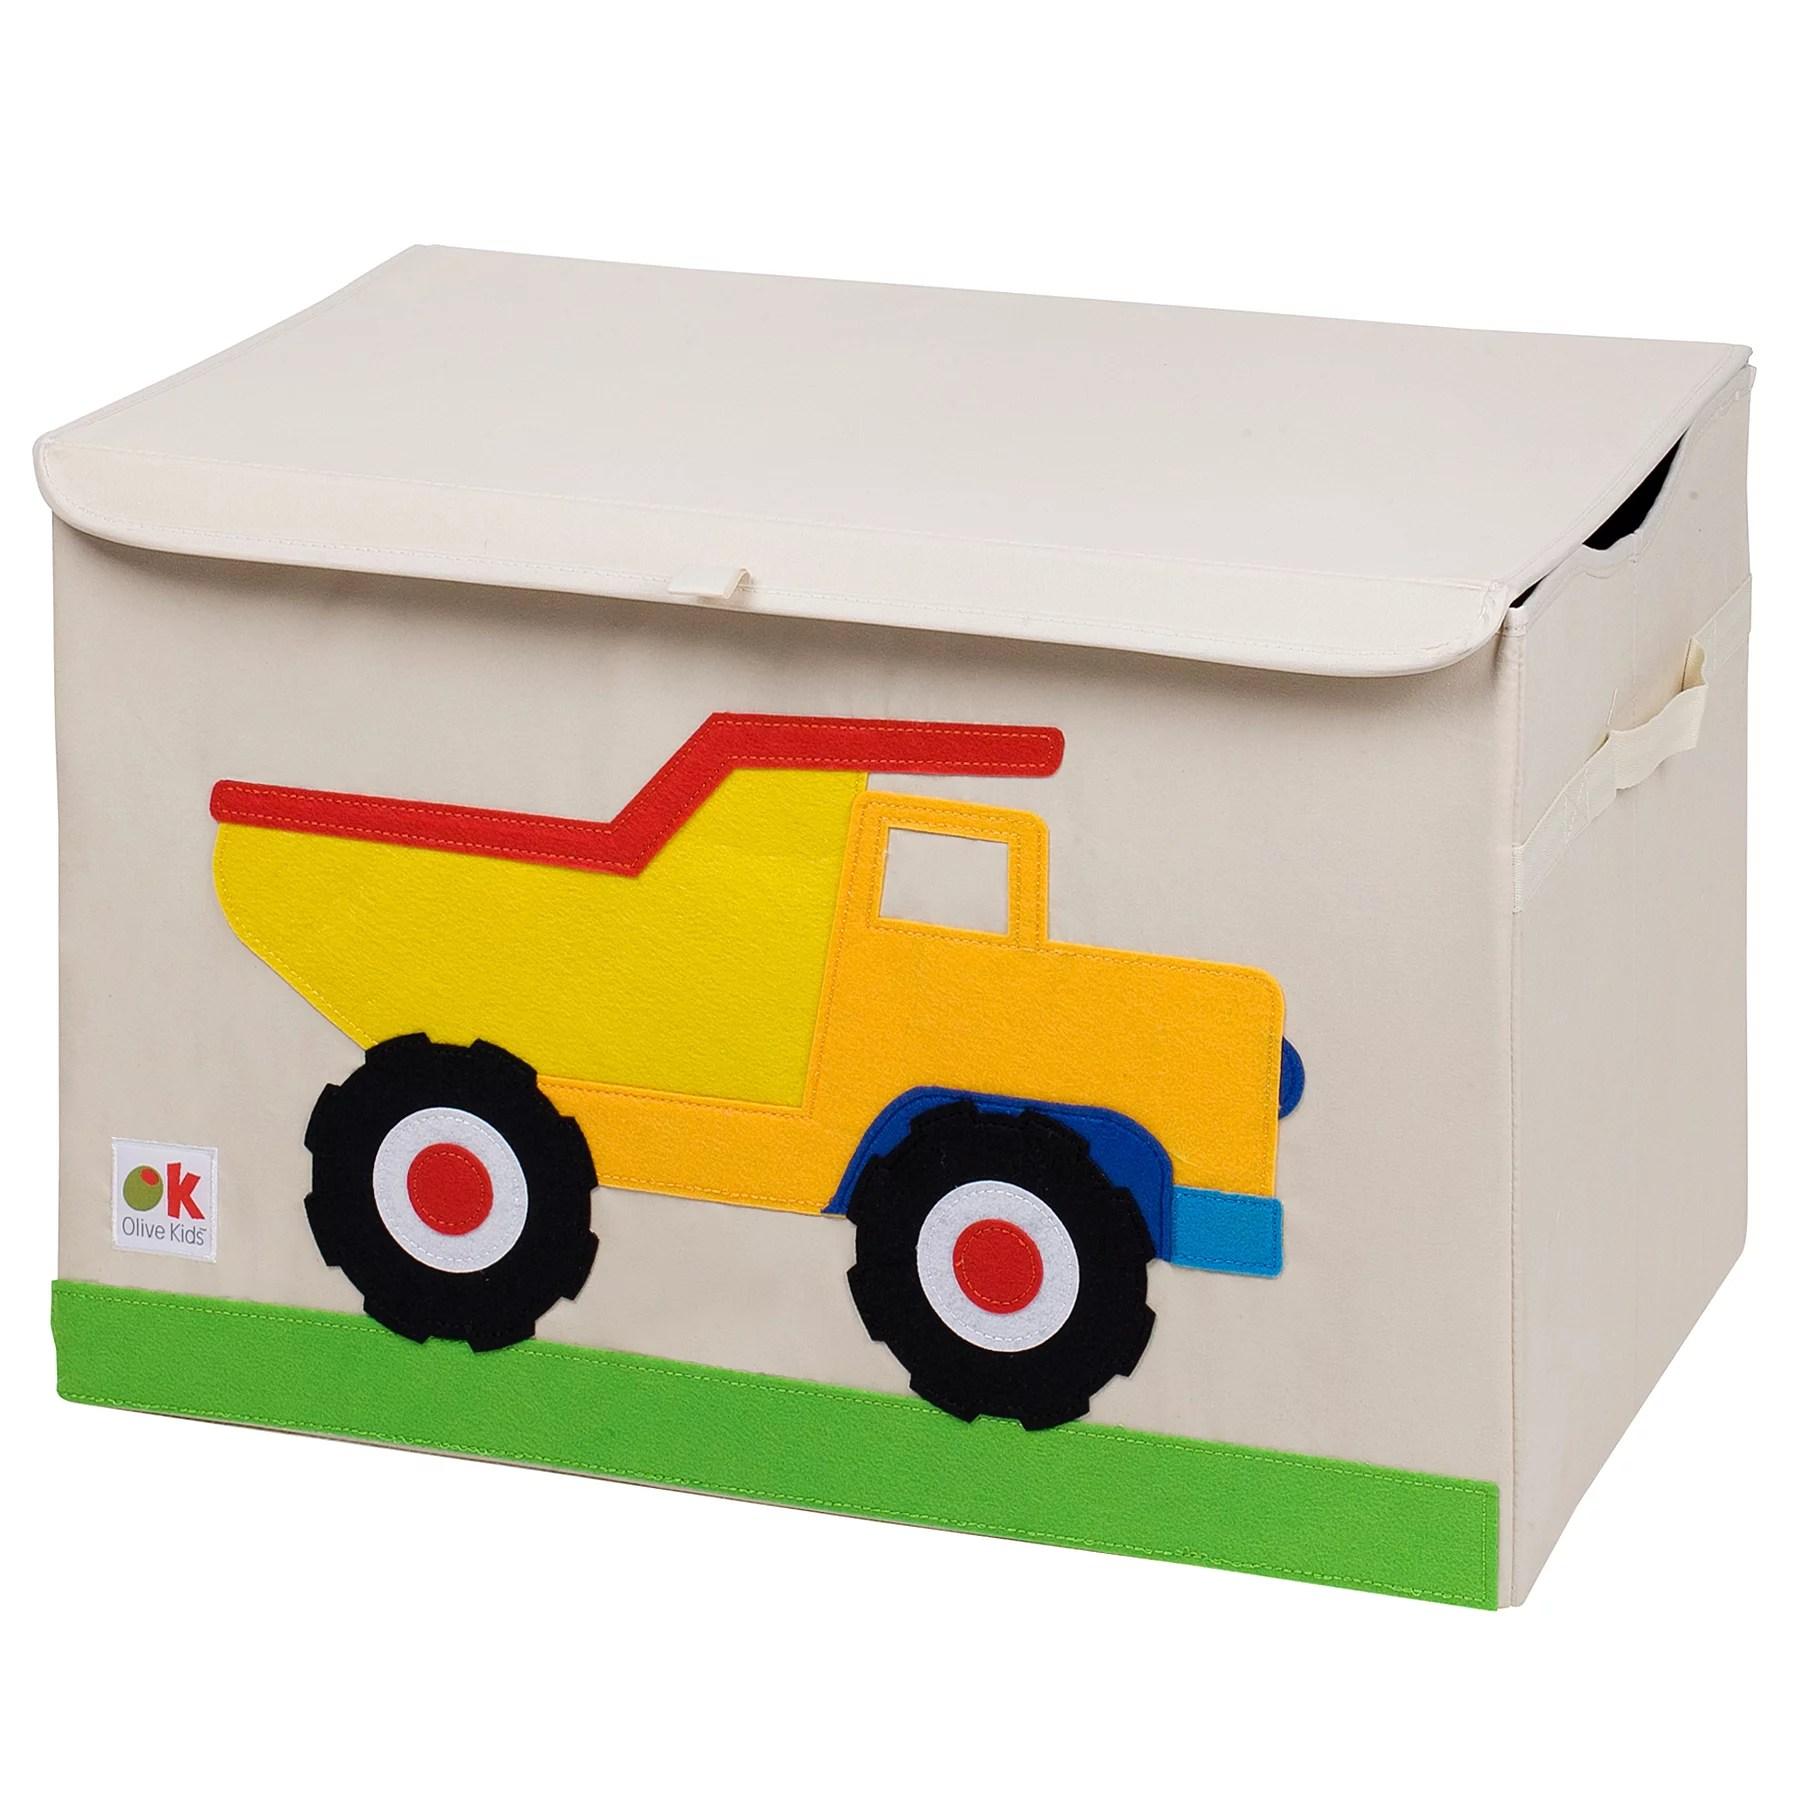 Olive Kids Dump Truck Toy Chest Walmart